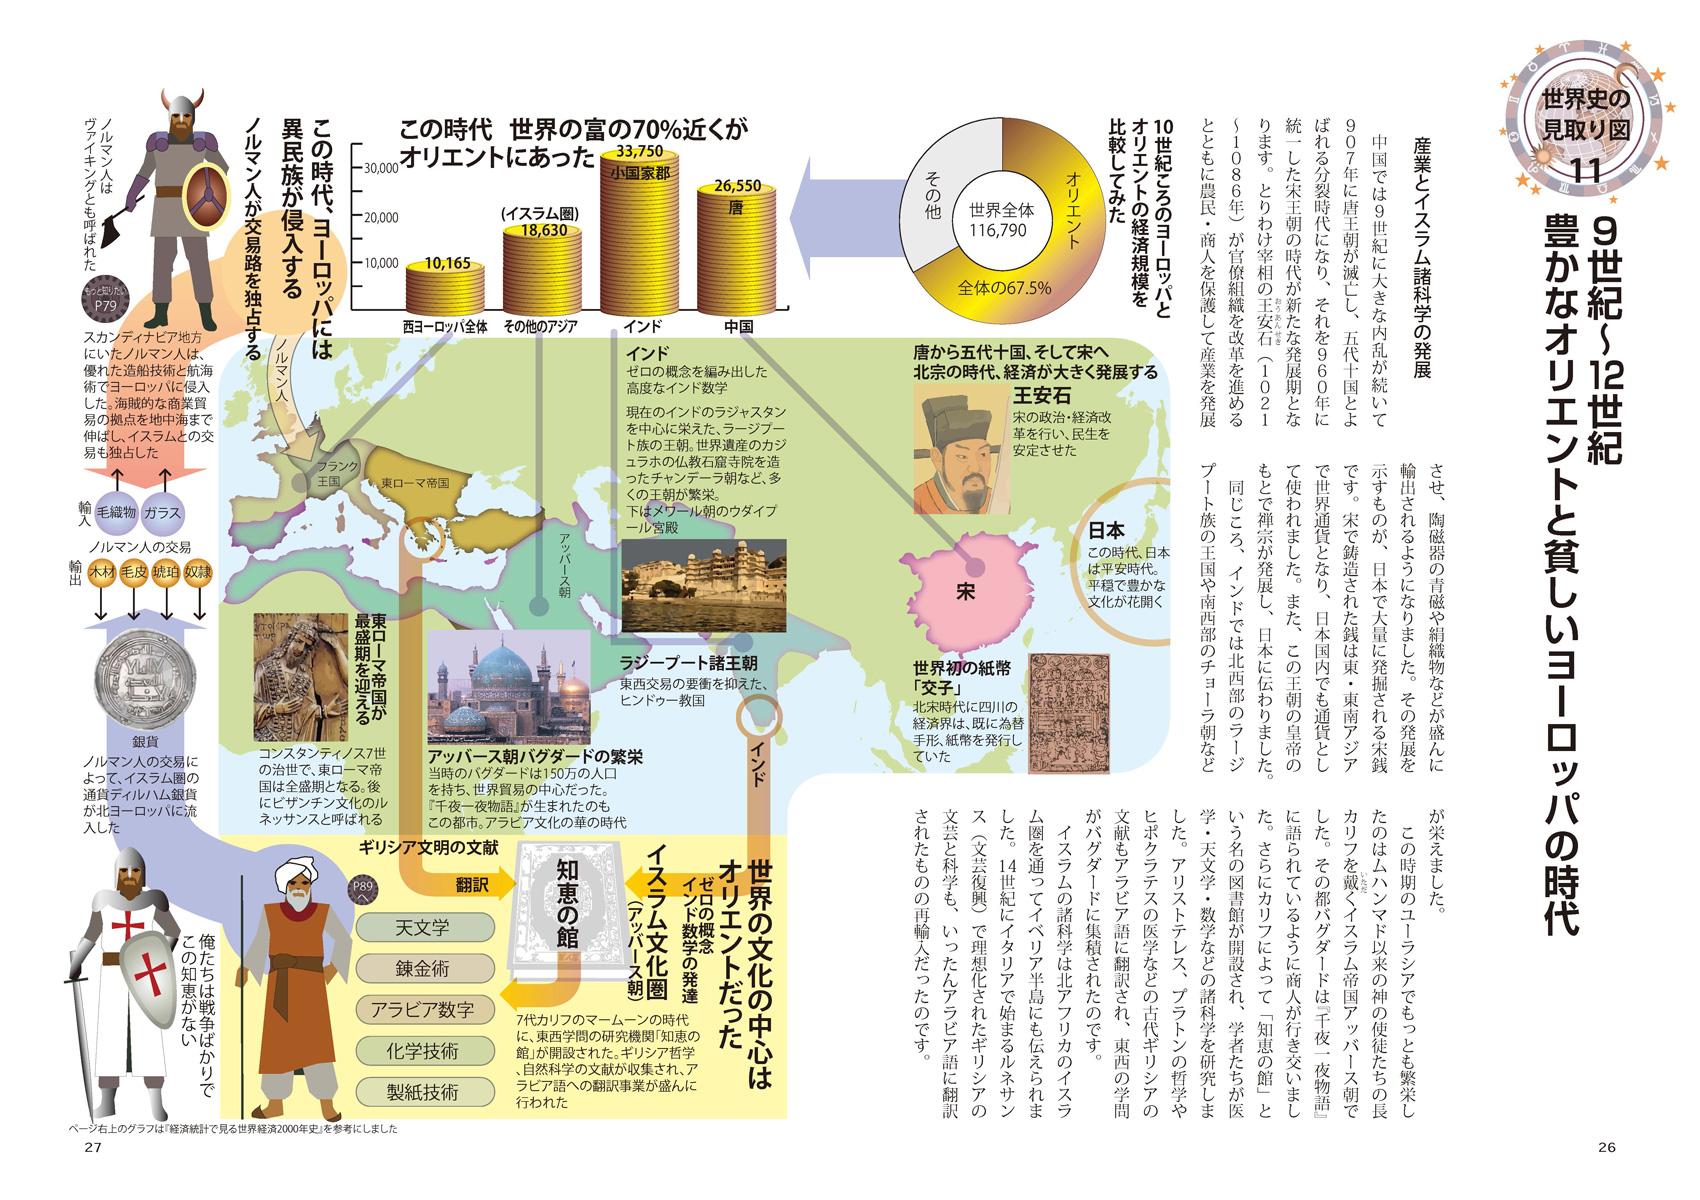 『図解でわかる 14歳から知る日本戦後政治史』ページサンプル6